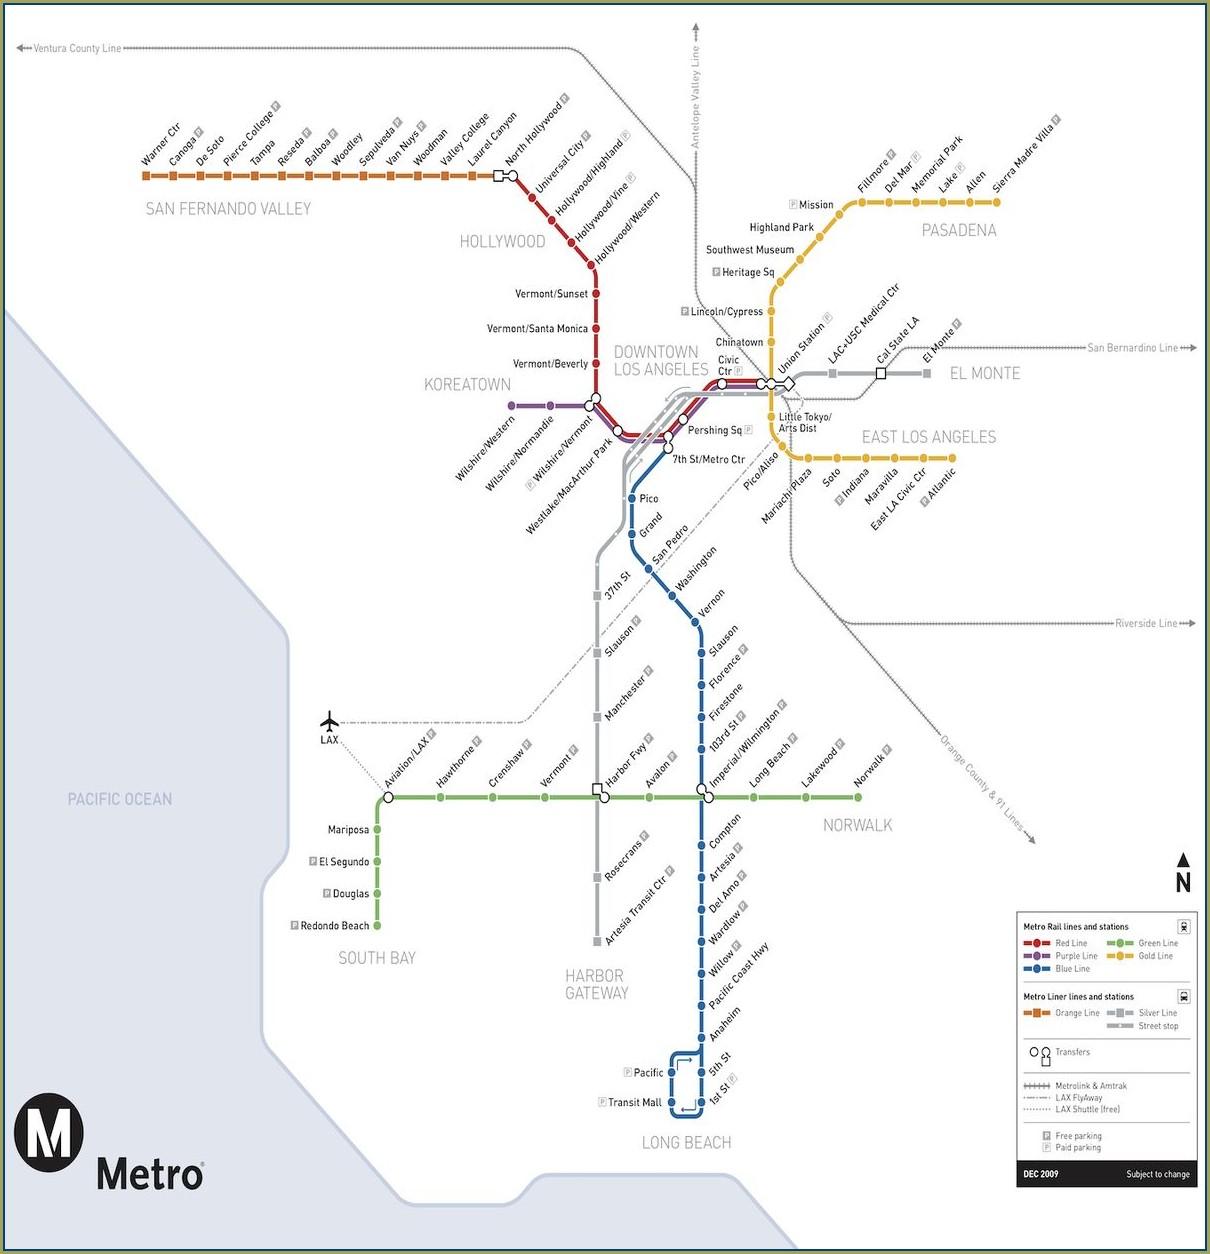 La Metro Bus Map 2019